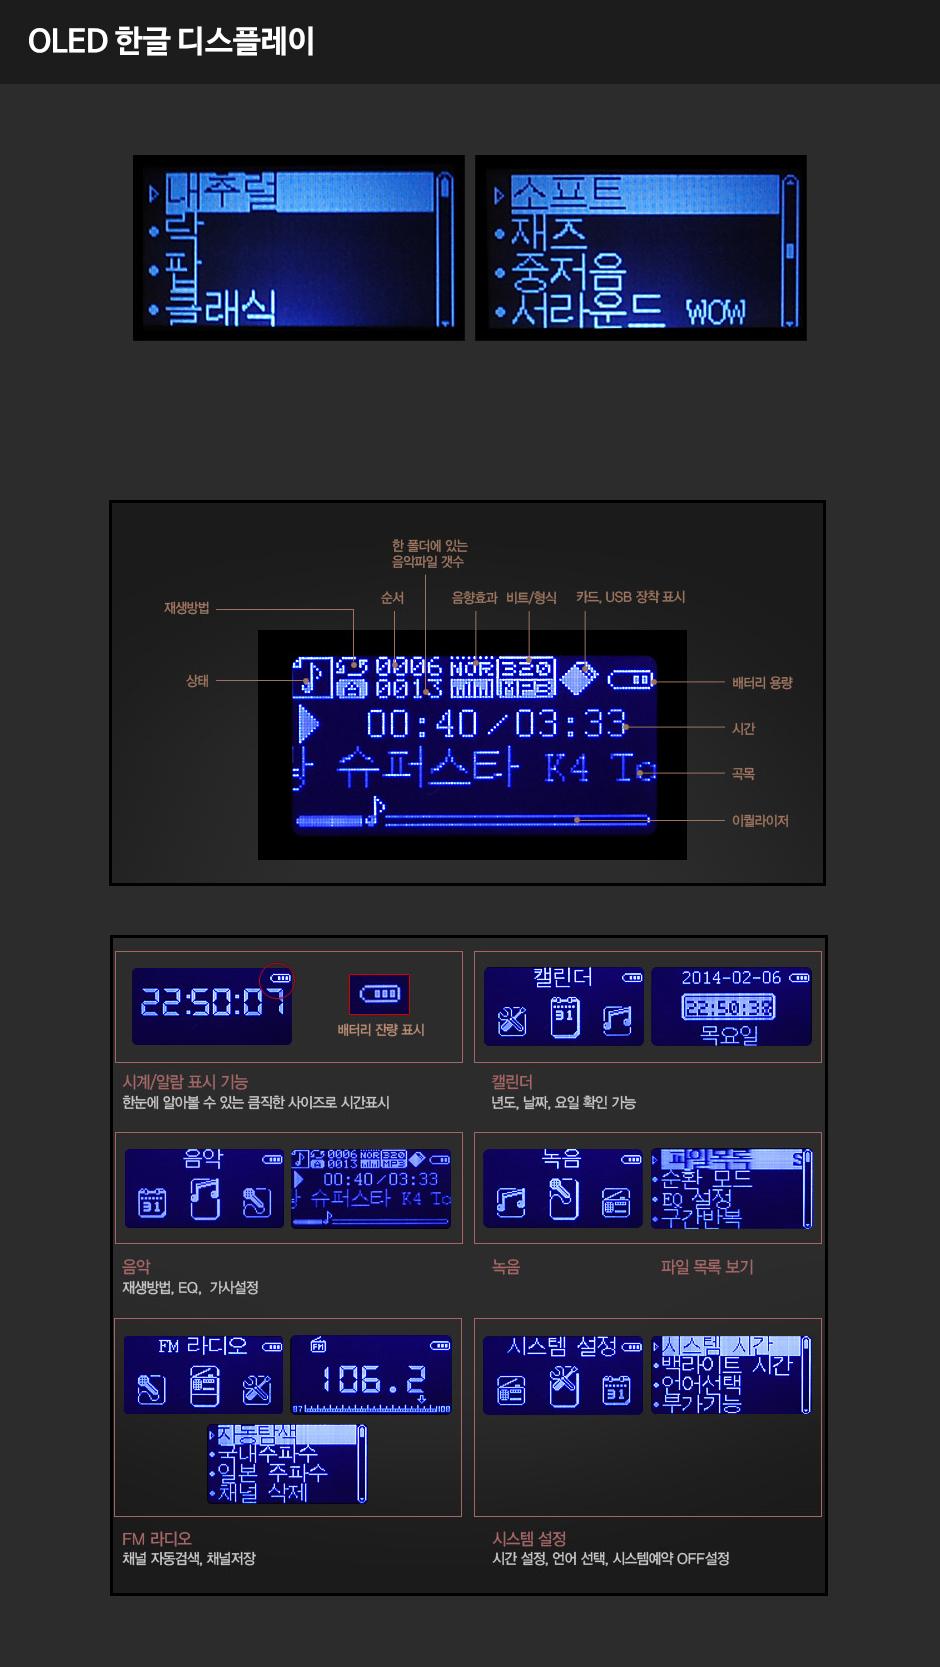 OLED-한글-디스플레이.jpg